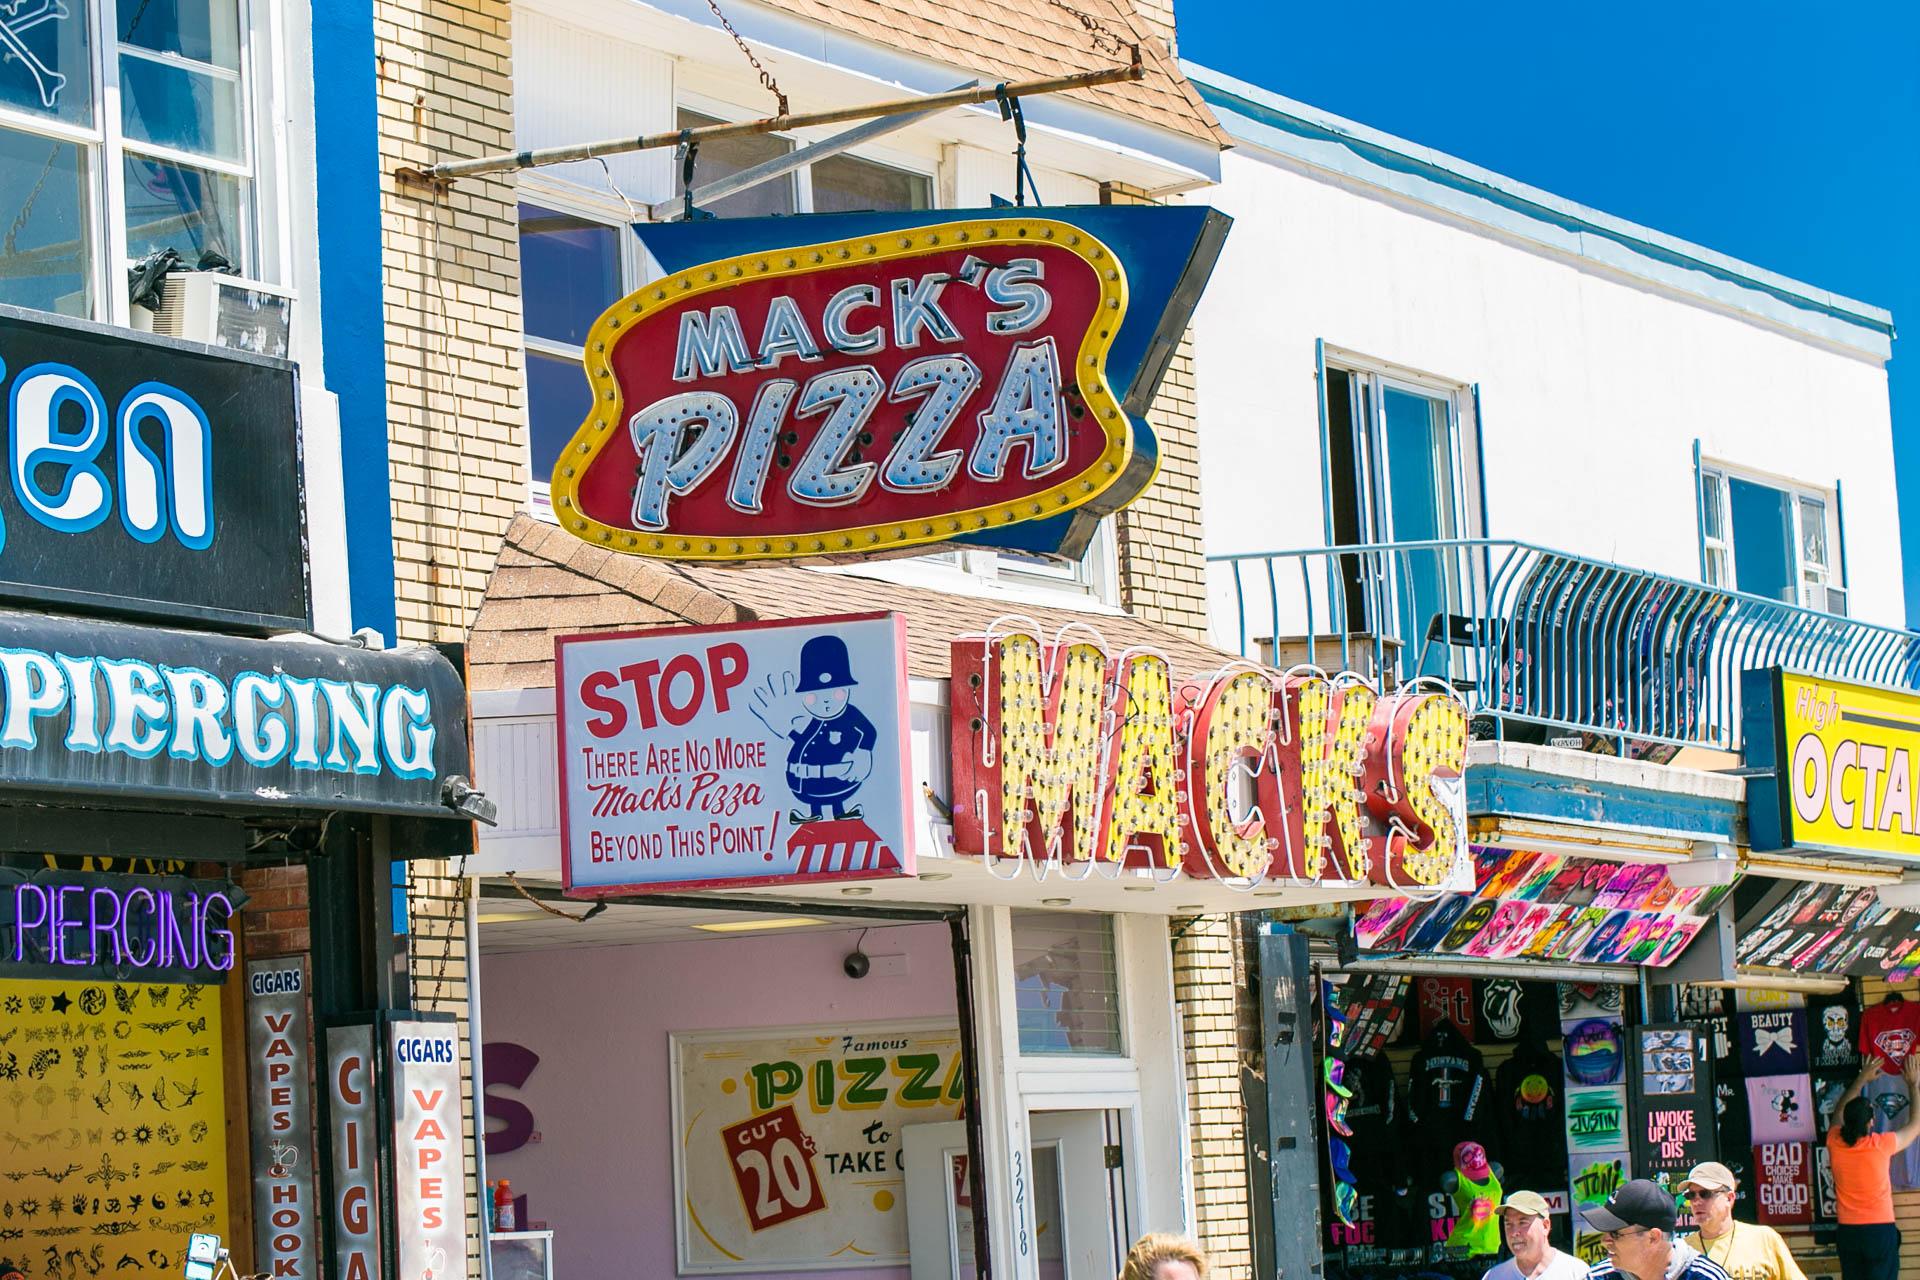 Last Mack's Pizza